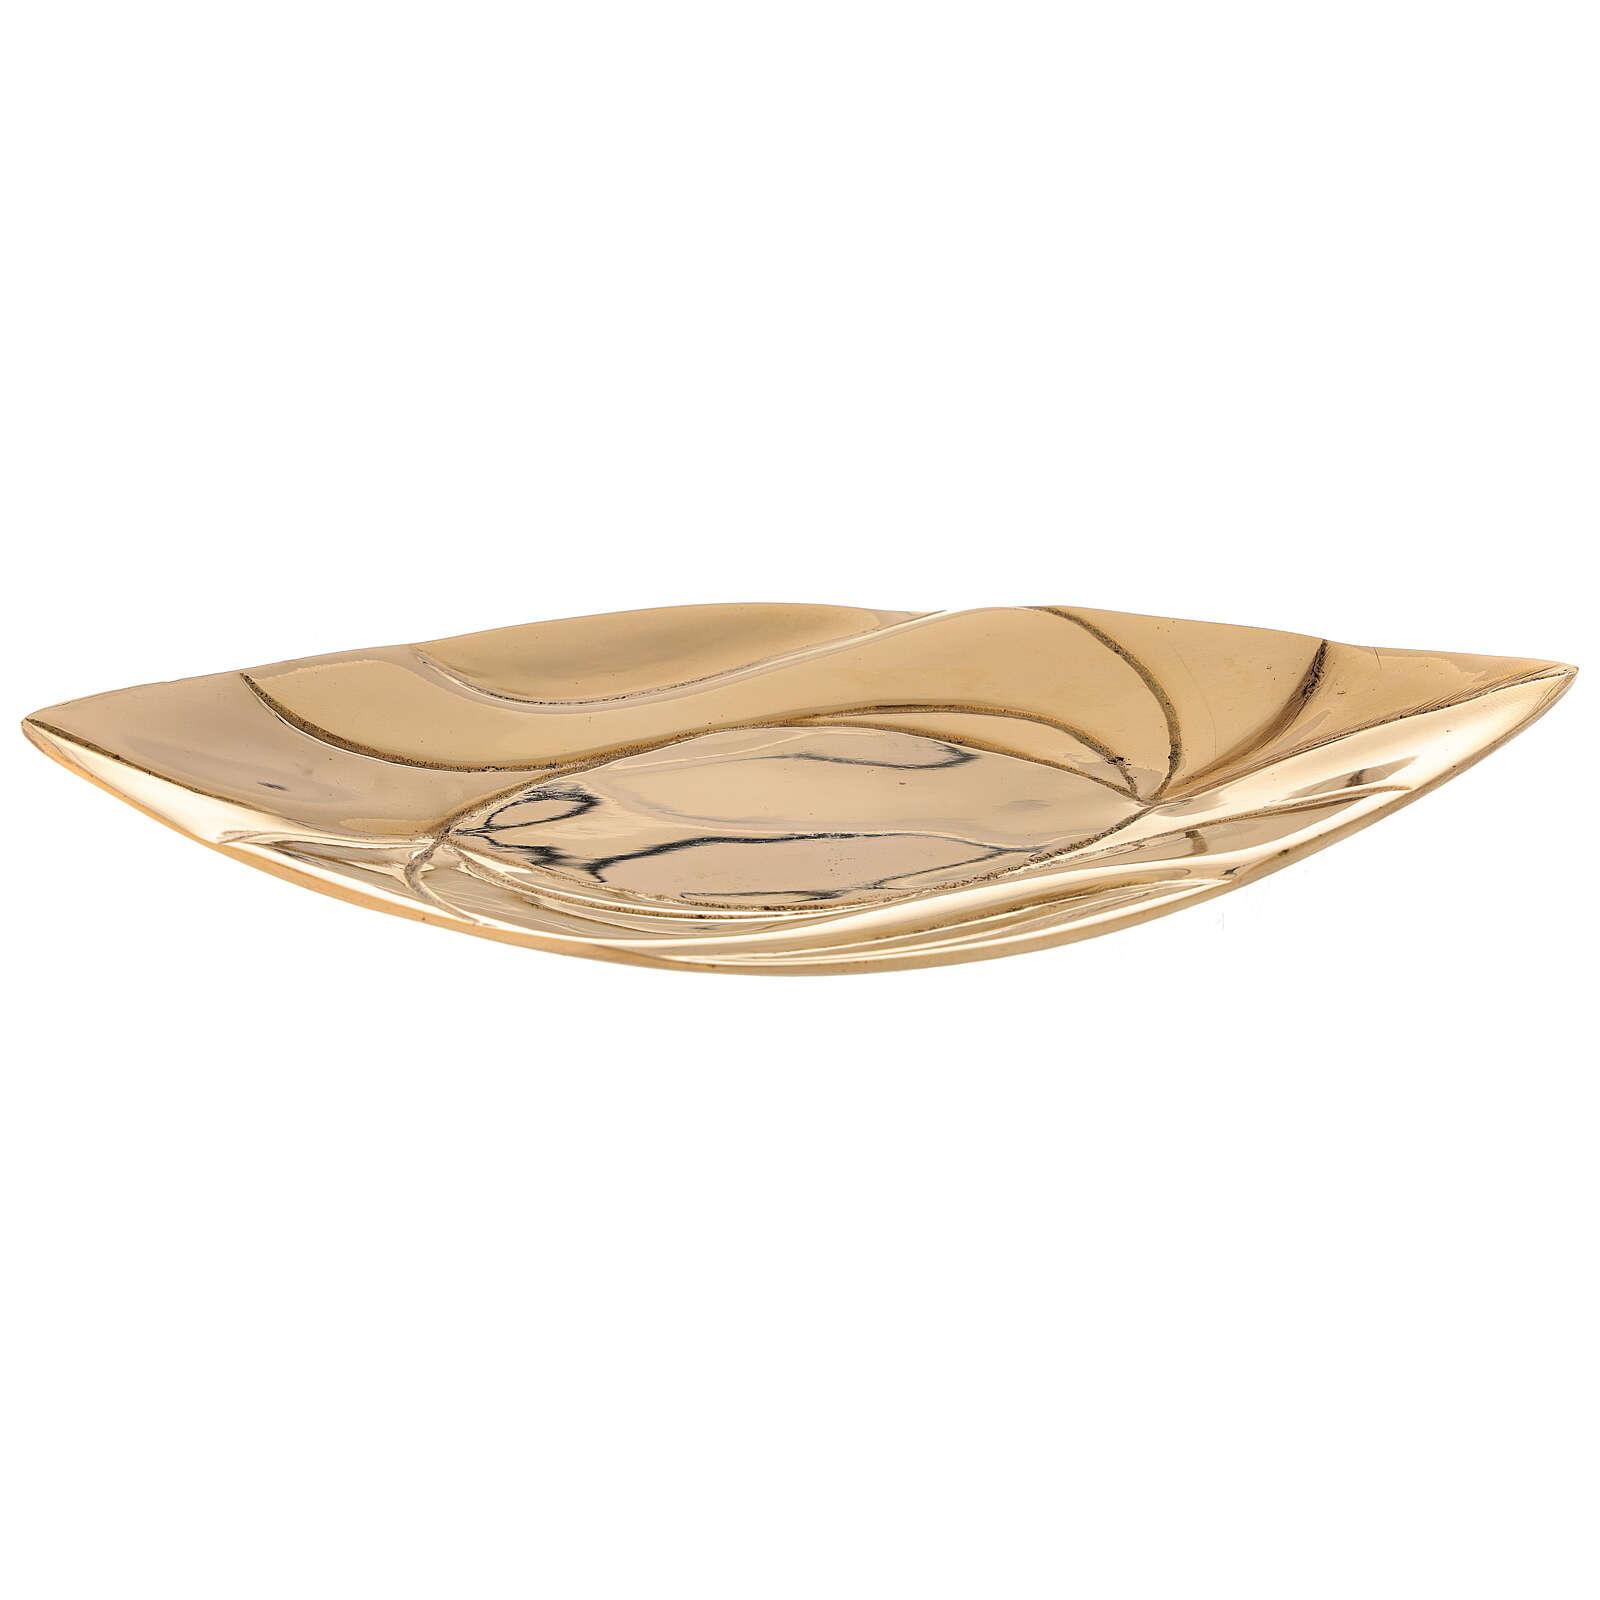 Piatto portacandela foglia ottone dorato lucido candela 9x5,5 cm 3